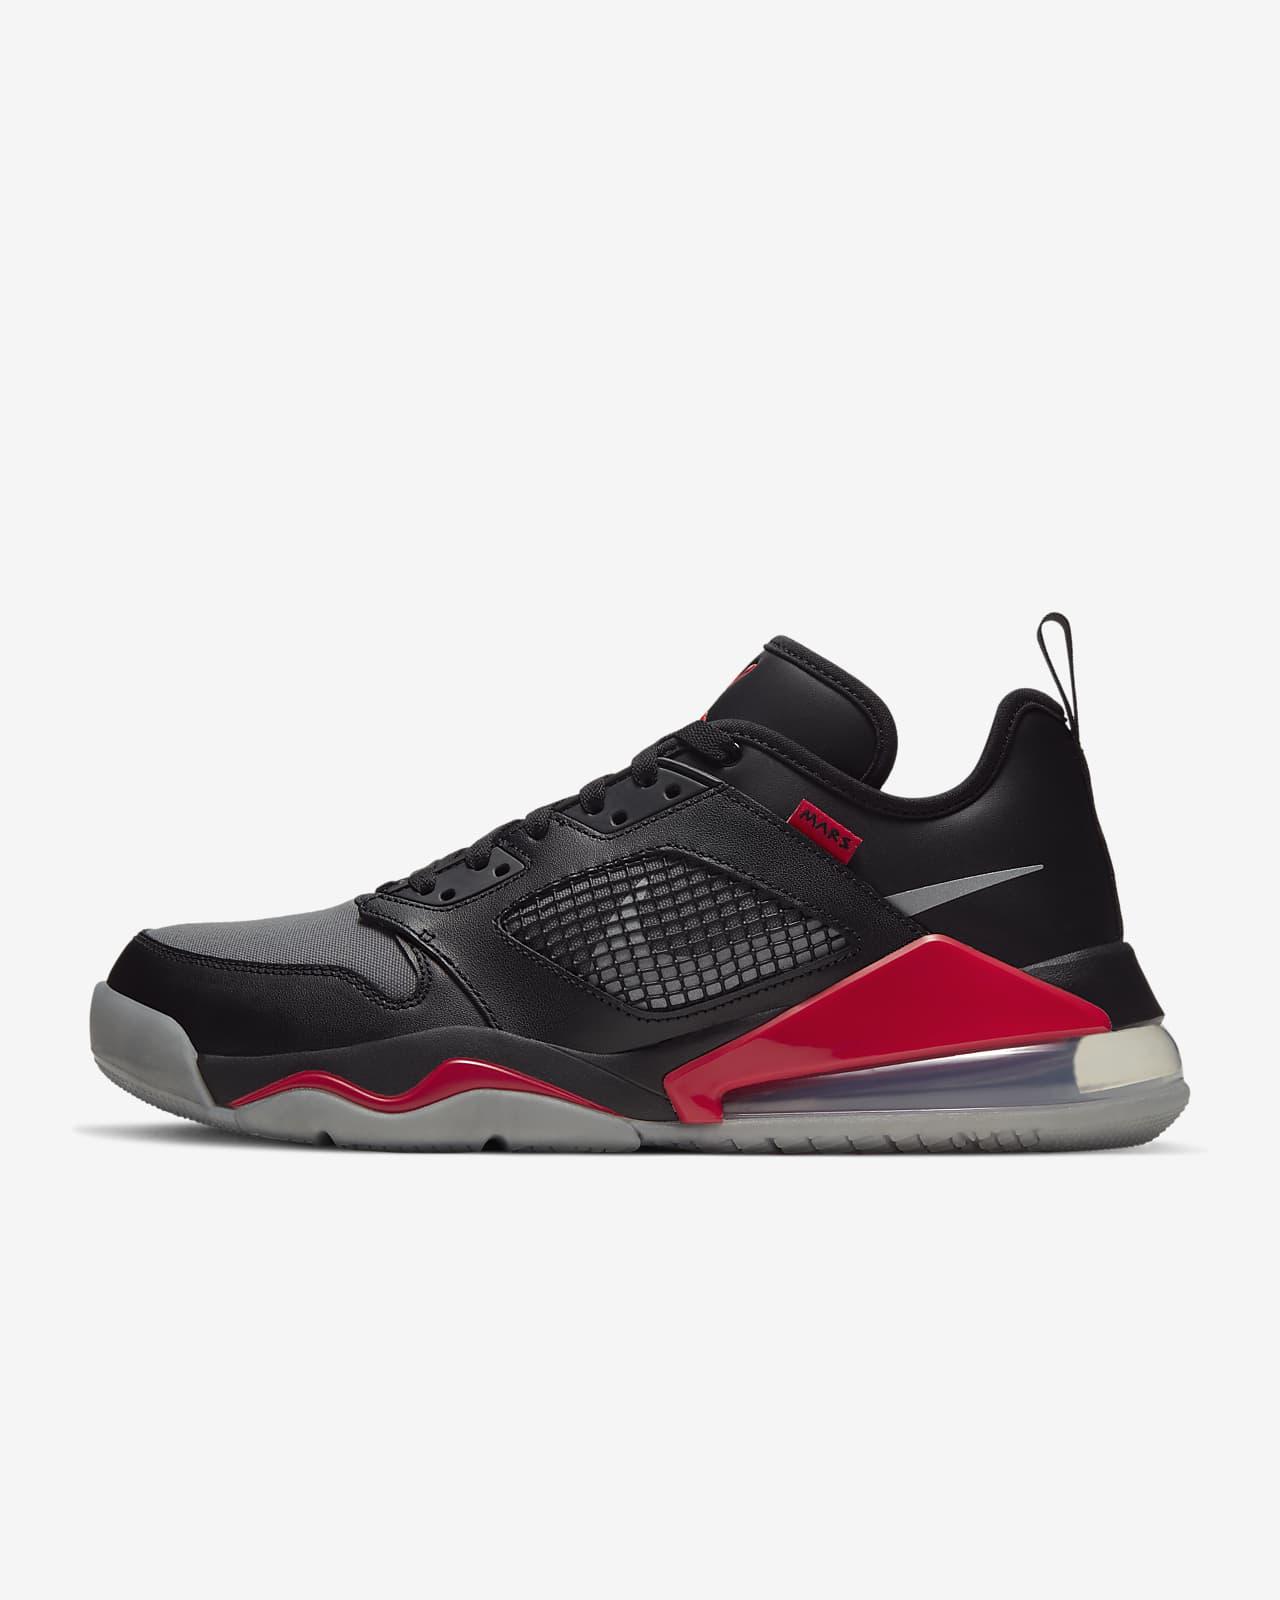 รองเท้าผู้ชาย Jordan Mars 270 Low